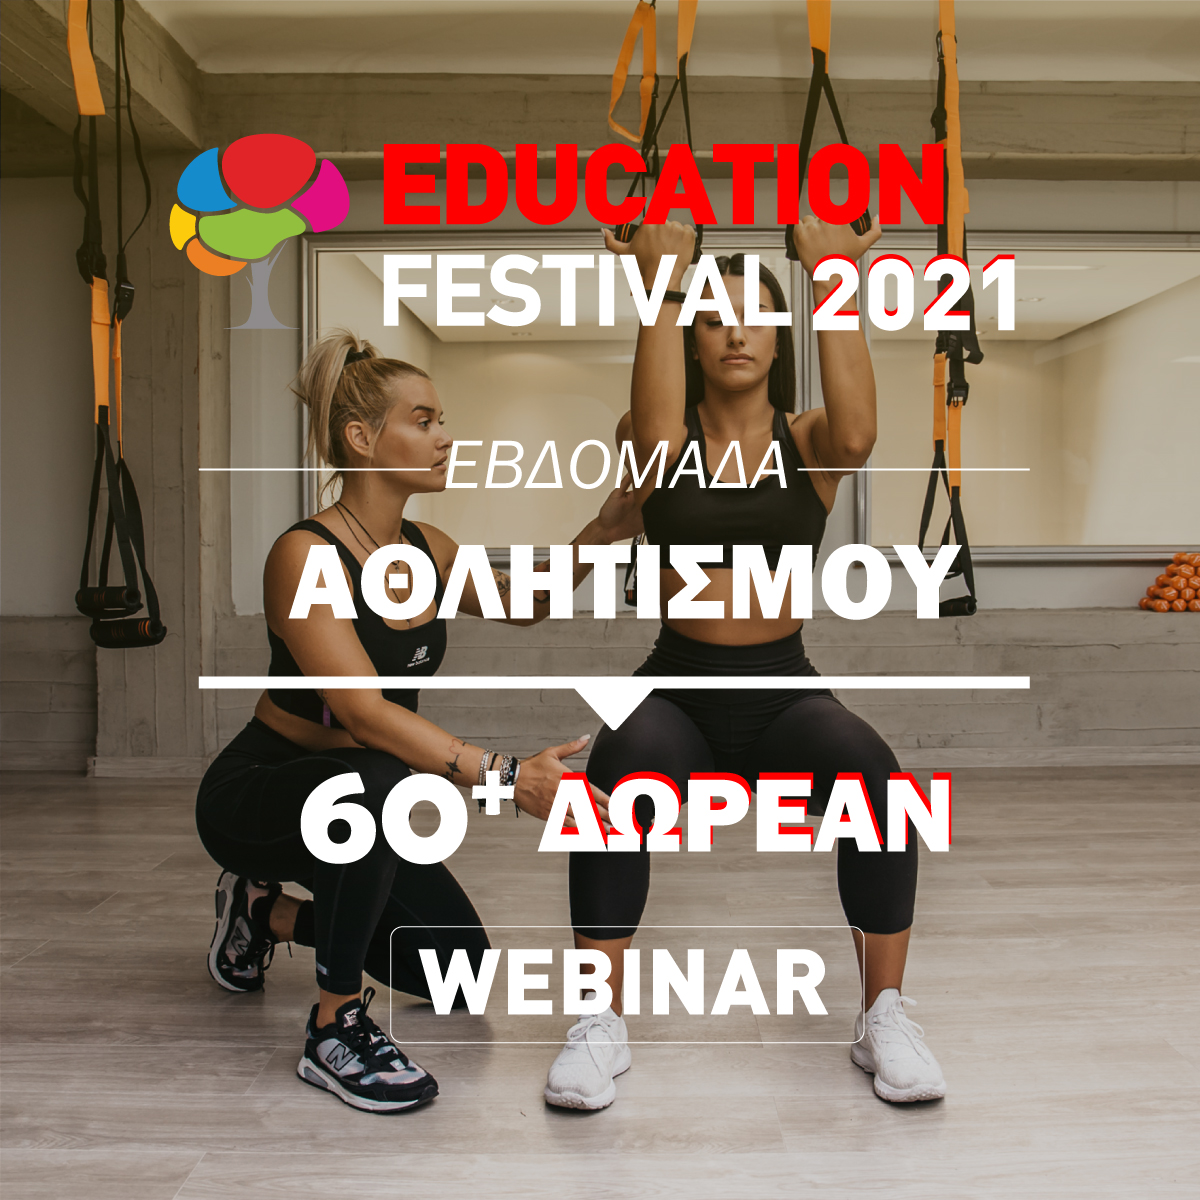 13ο EDUCATION FESTIVAL: Coaching & Training στο επίκεντρο της Εβδομάδας Aθλητισμού από τα ΙΕΚ ΑΛΦΑ & το MEDITERRANEAN  COLLEGE